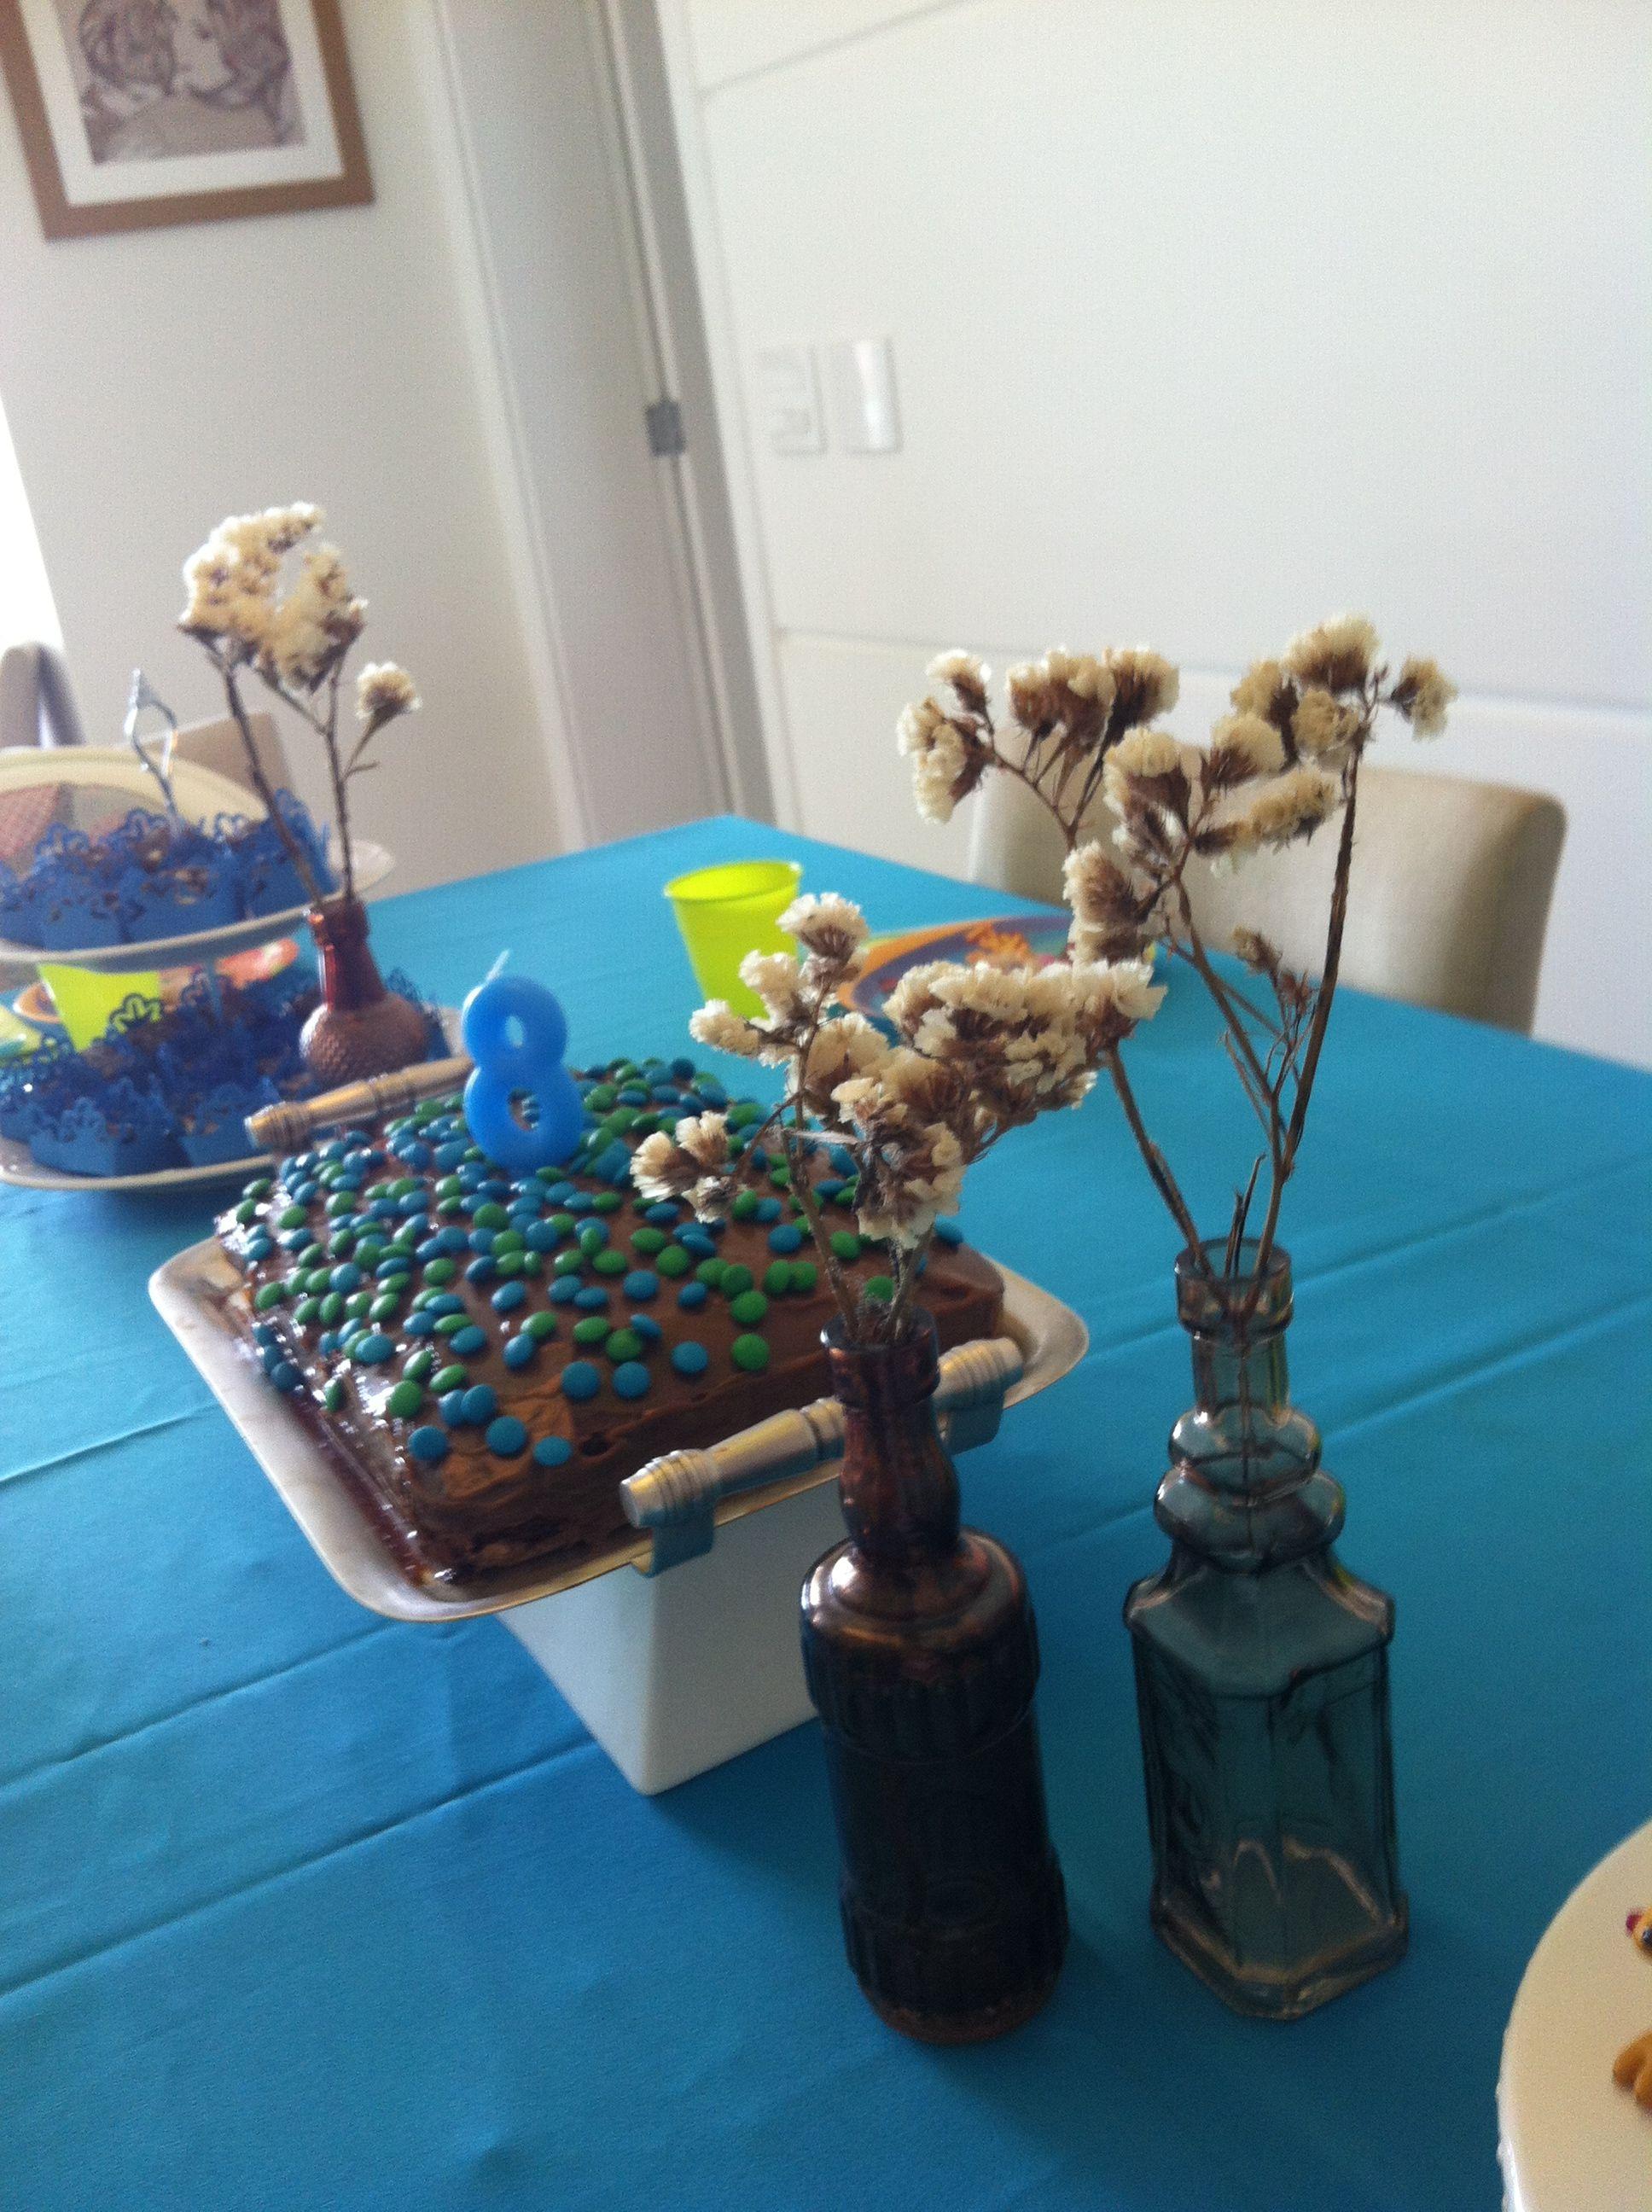 Vasinhos de vidro coloridos com flores secas.